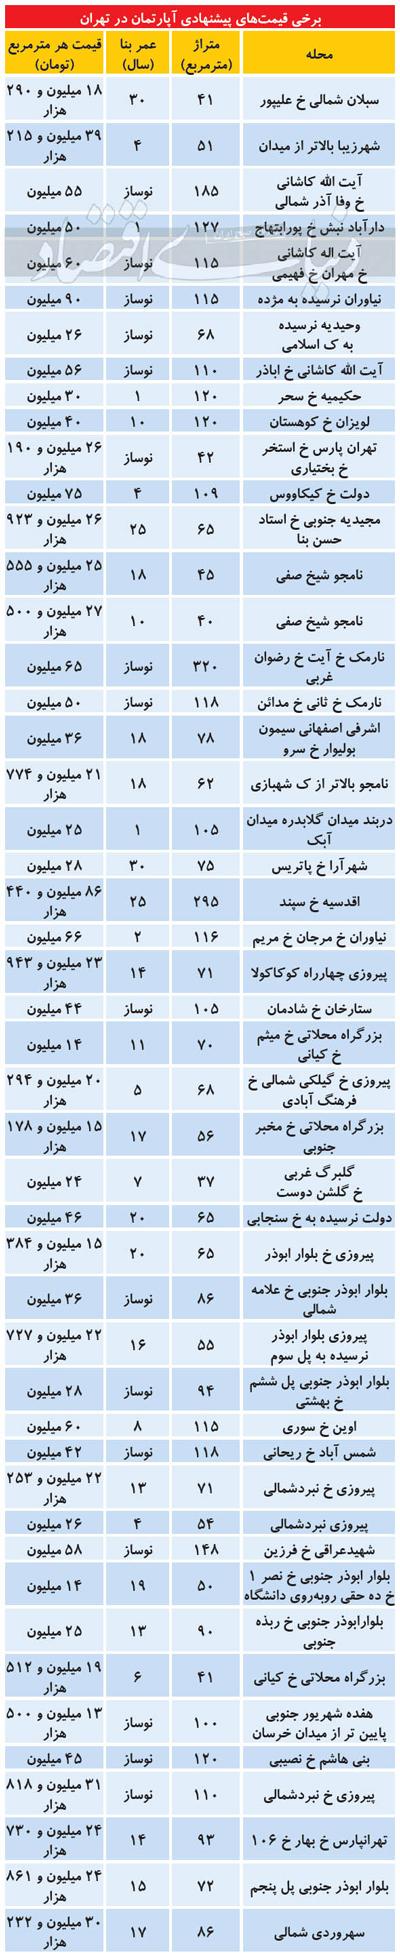 افت نسبی قیمت آپارتمان در برخی مناطق تهران